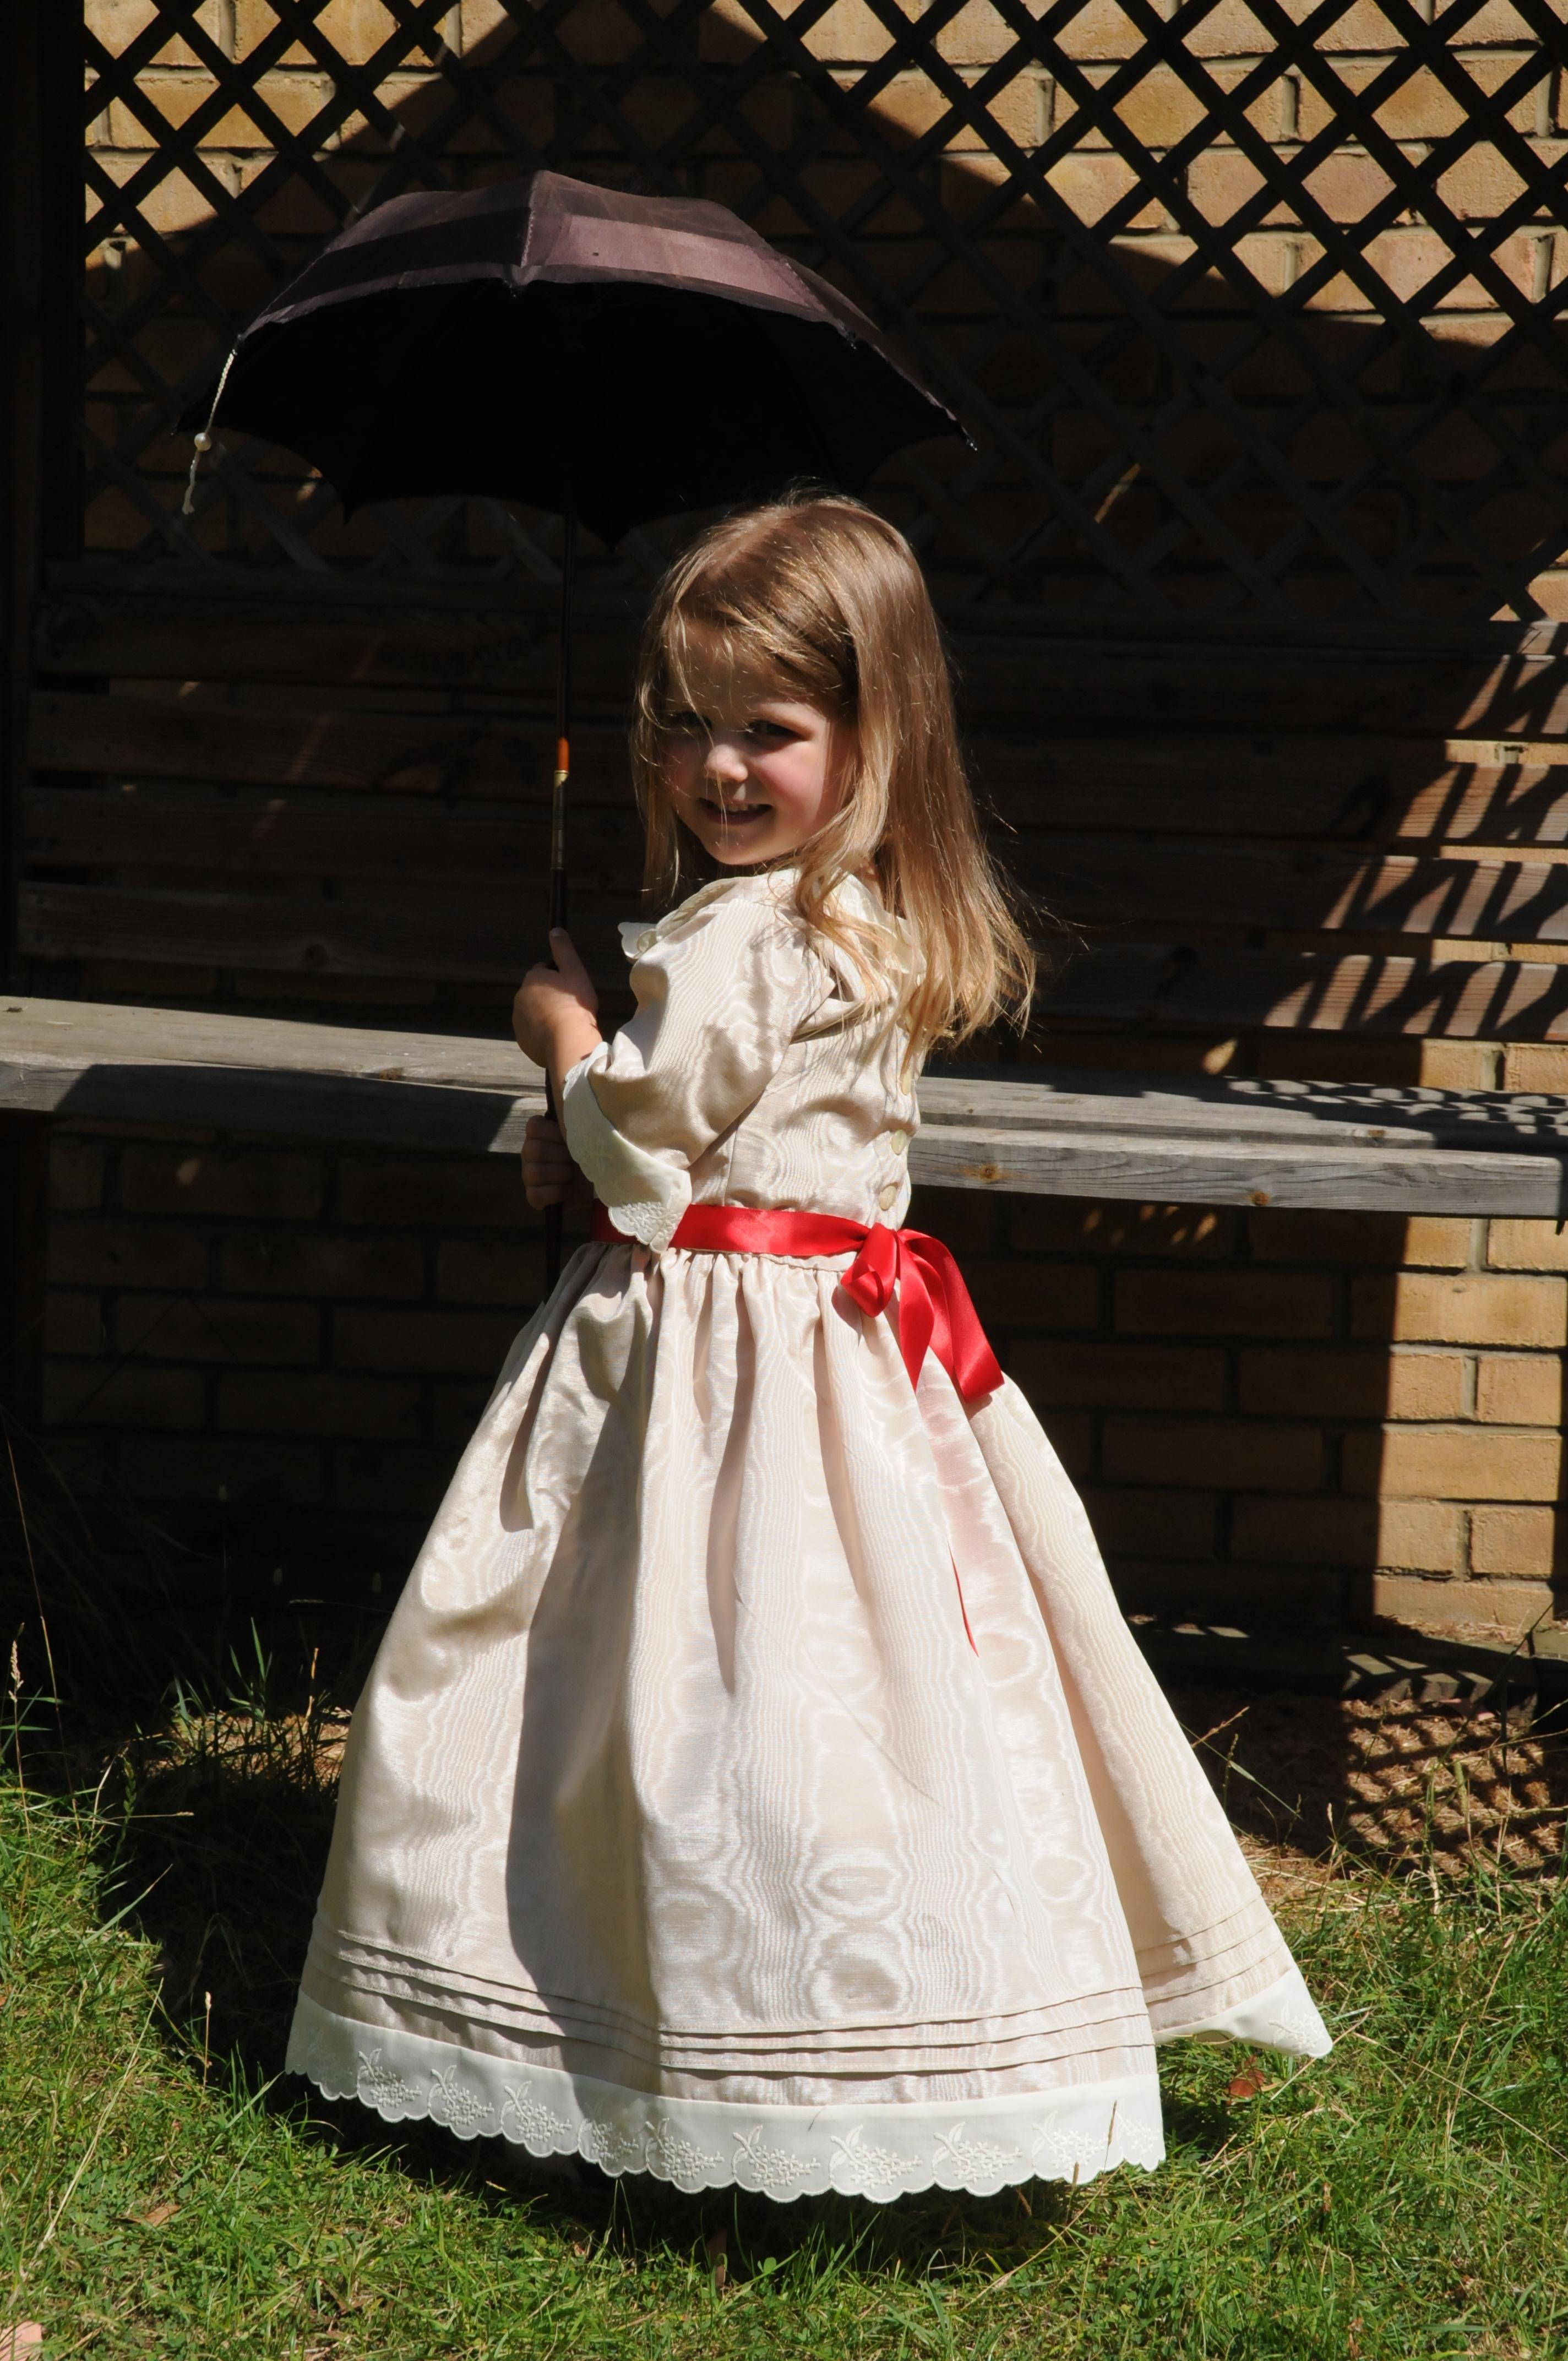 Victorian children | A Damsel in This Dress